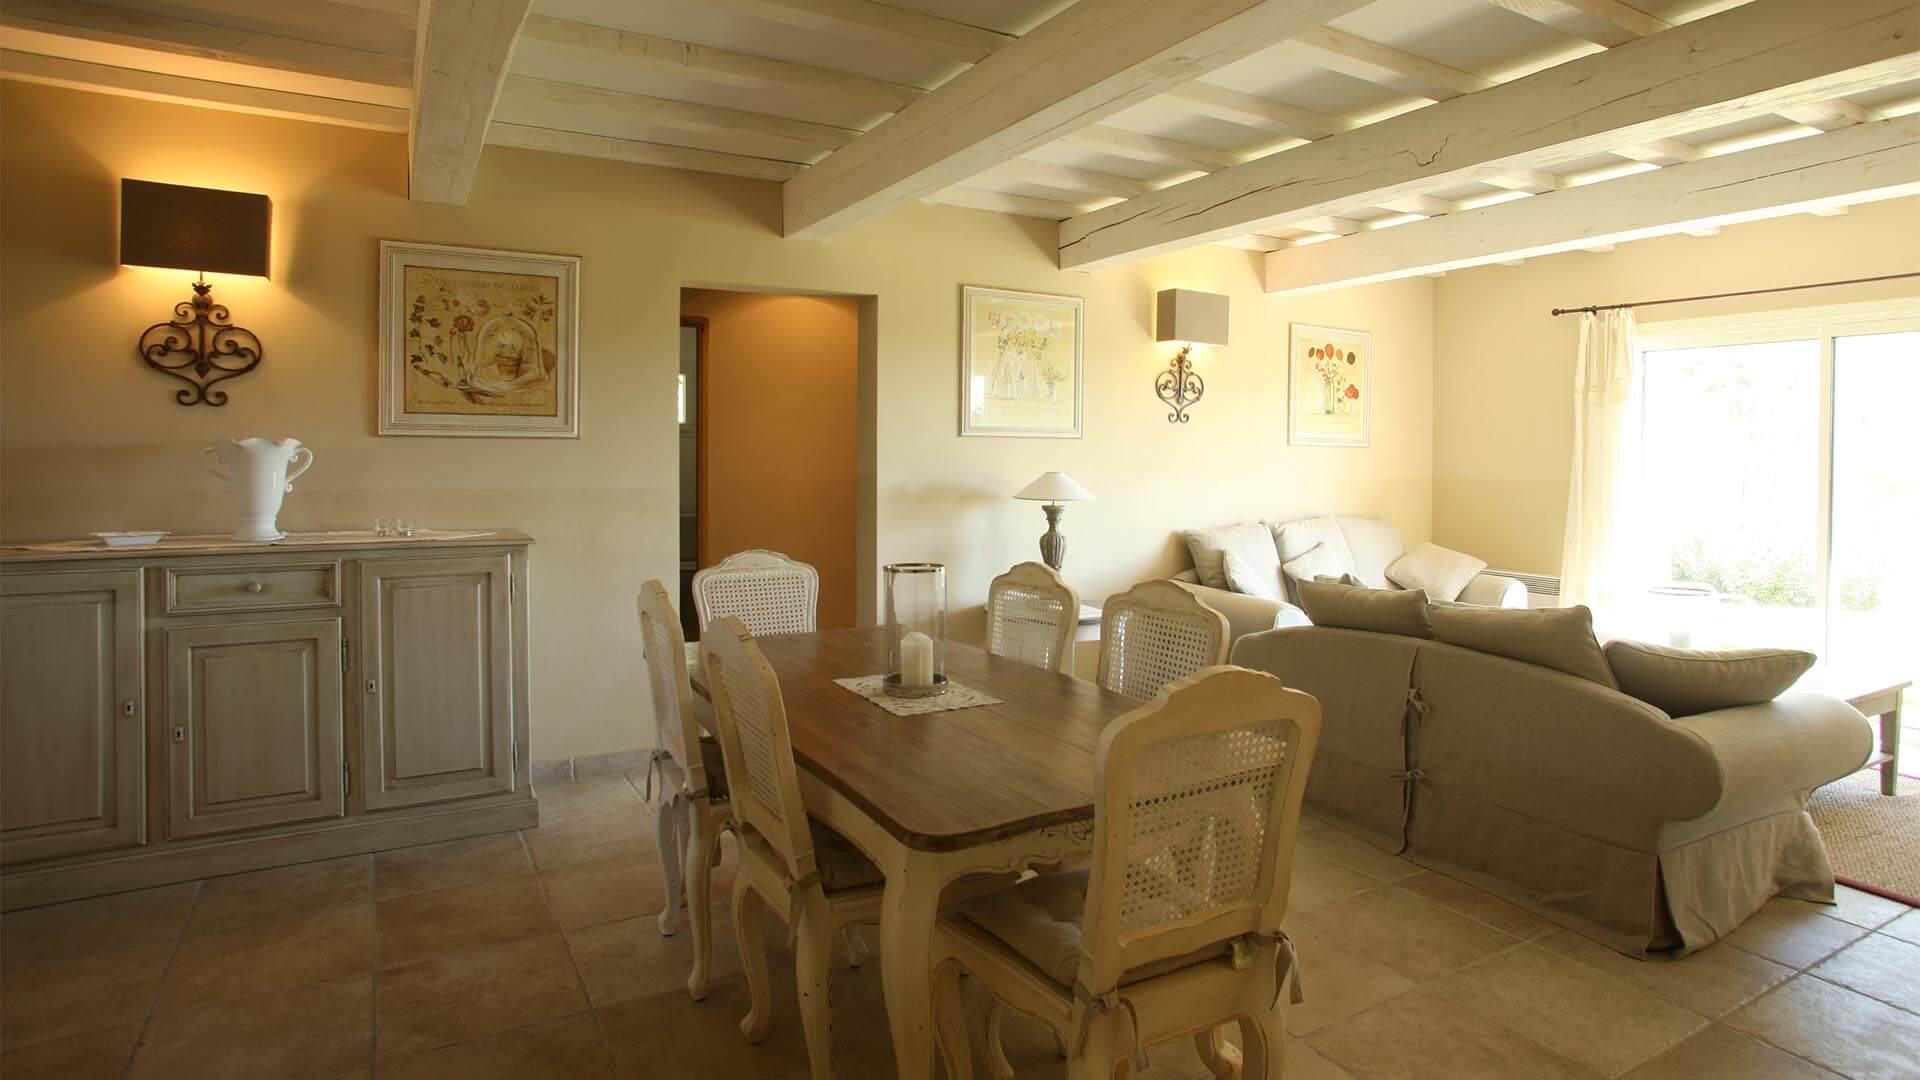 Location vacances Luberon | Villa le mûrier blanc | T4 avec salon climatisé